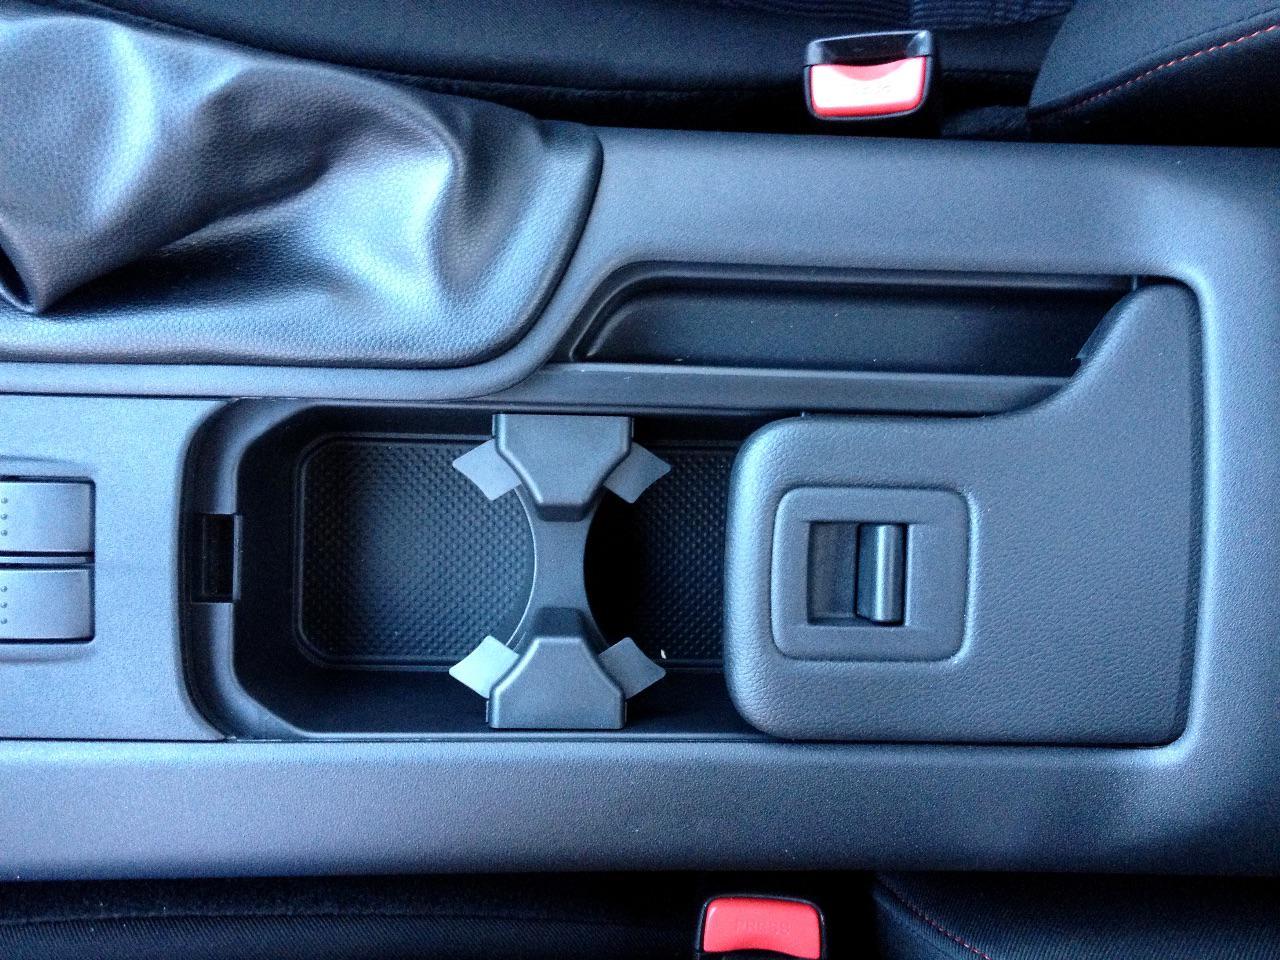 2013 Mazda MX-5 - Center Console